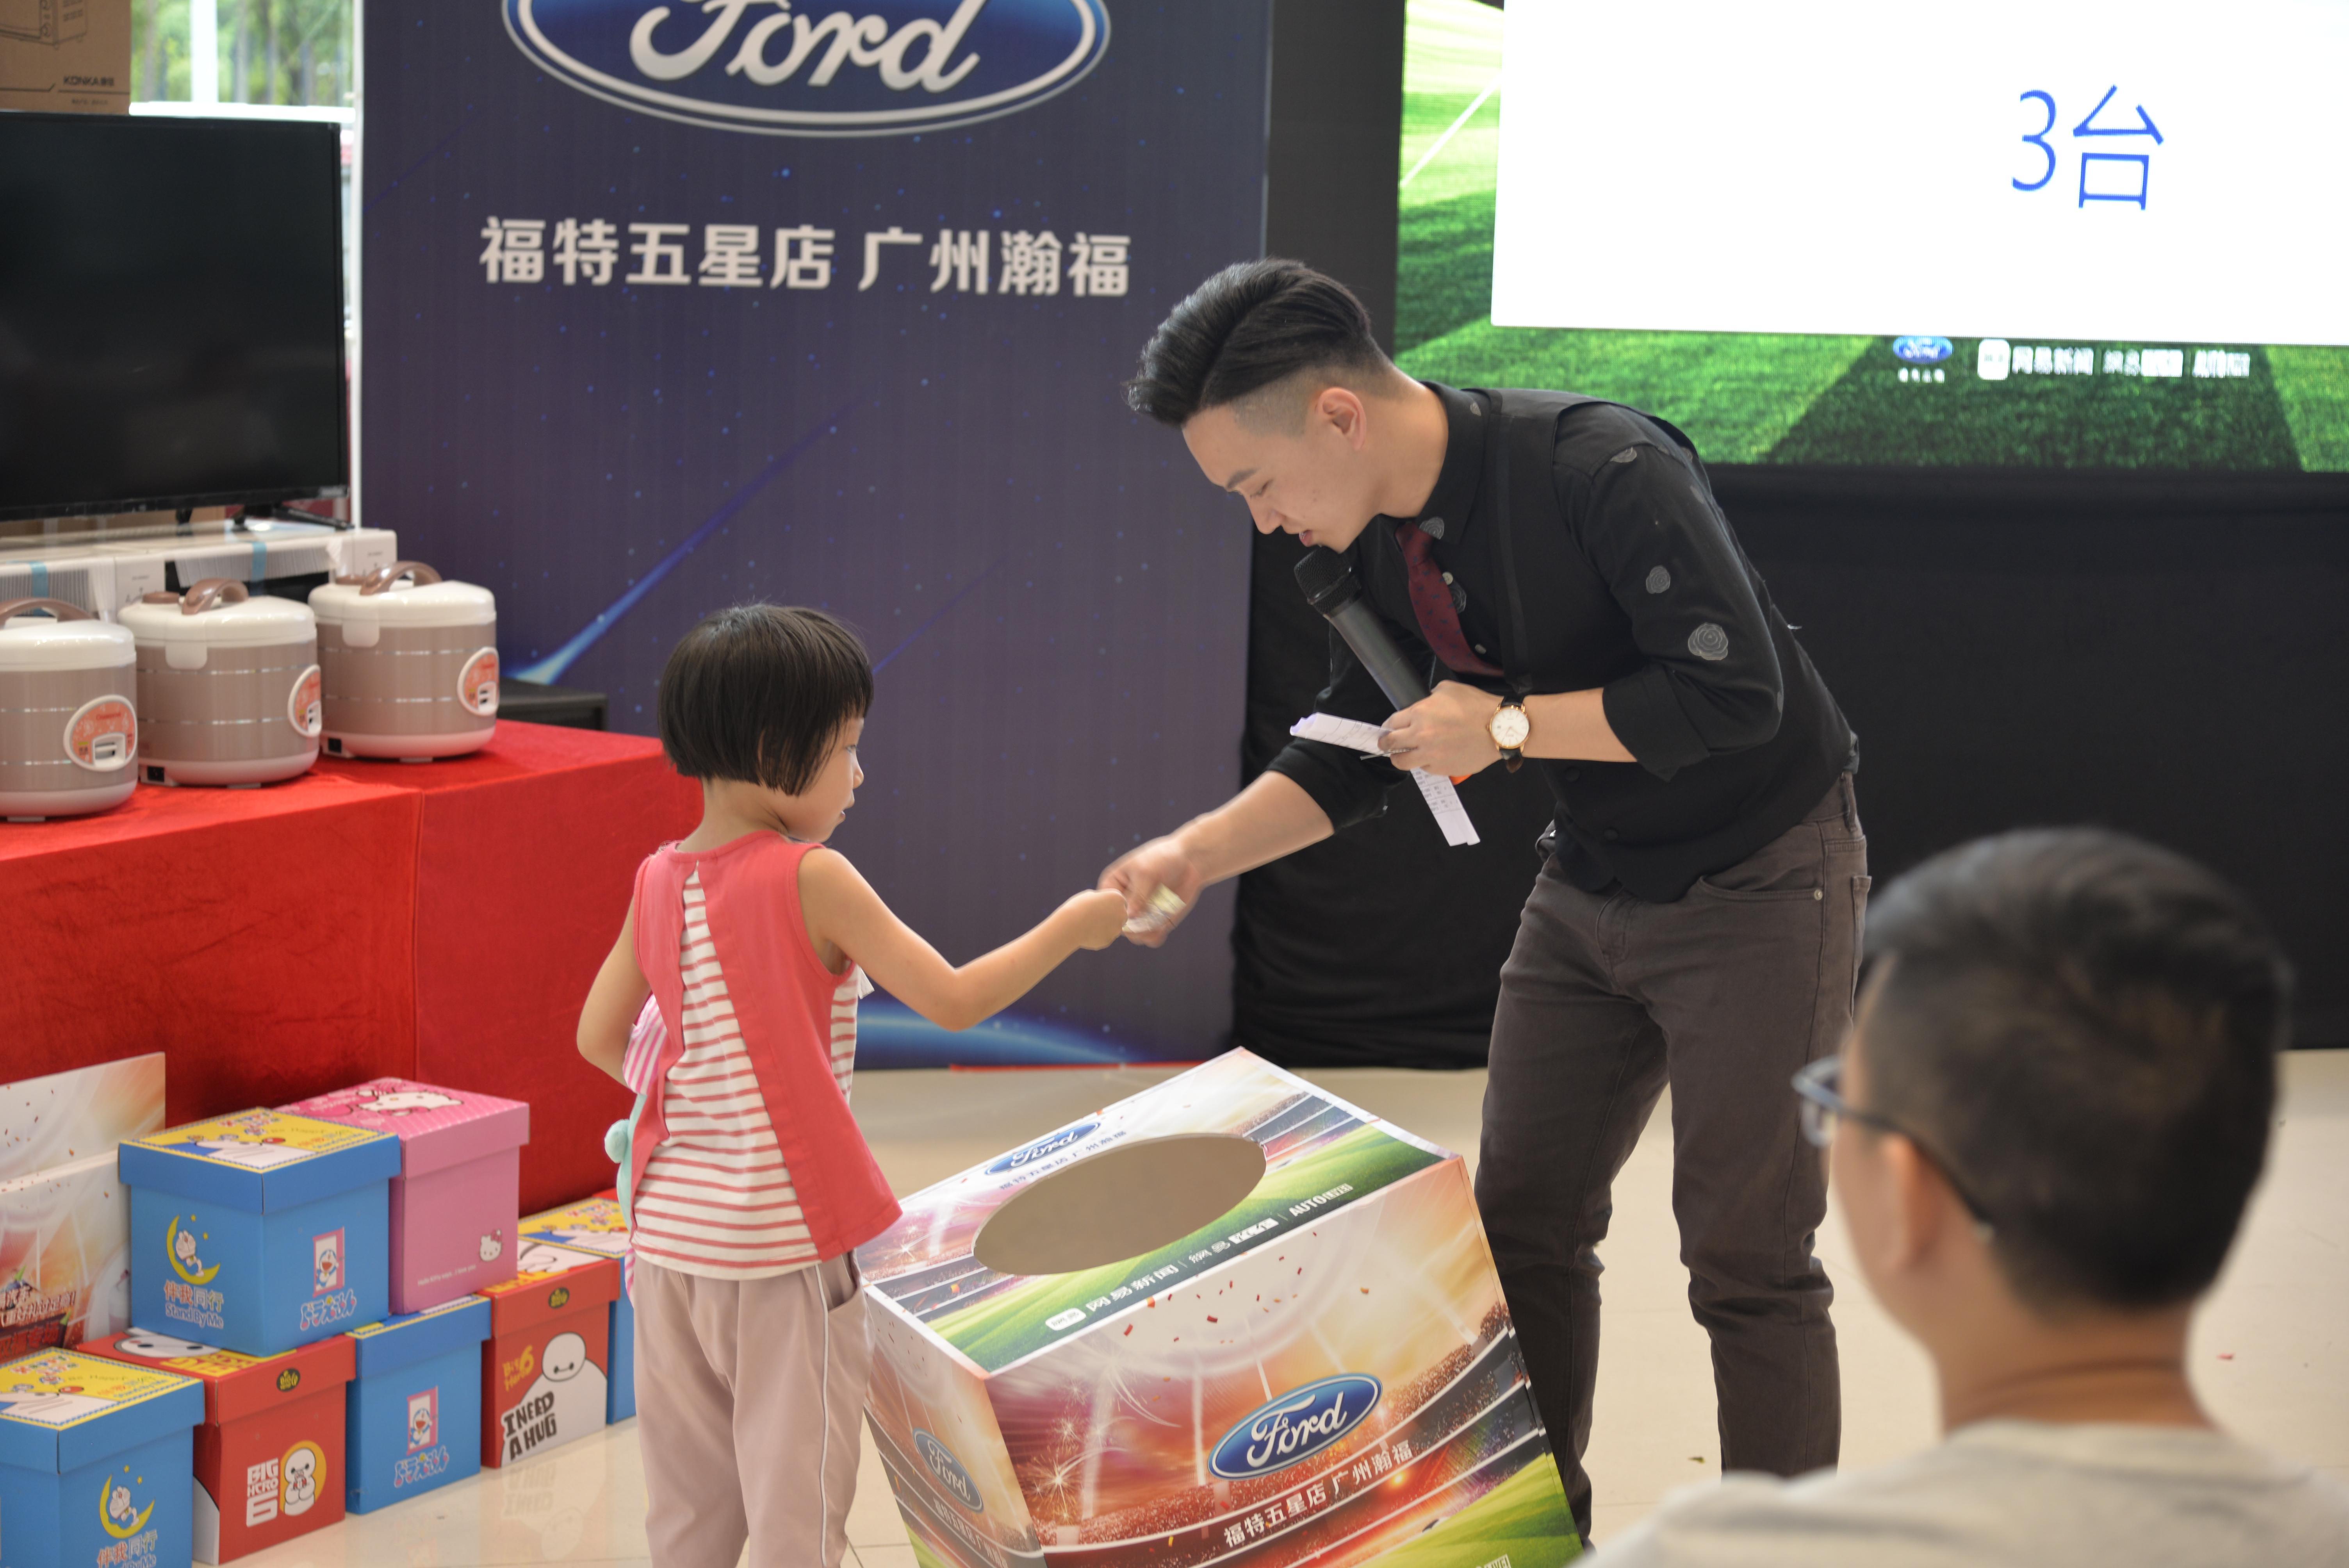 网易汽车小易看车团广州双福专场圆满结束